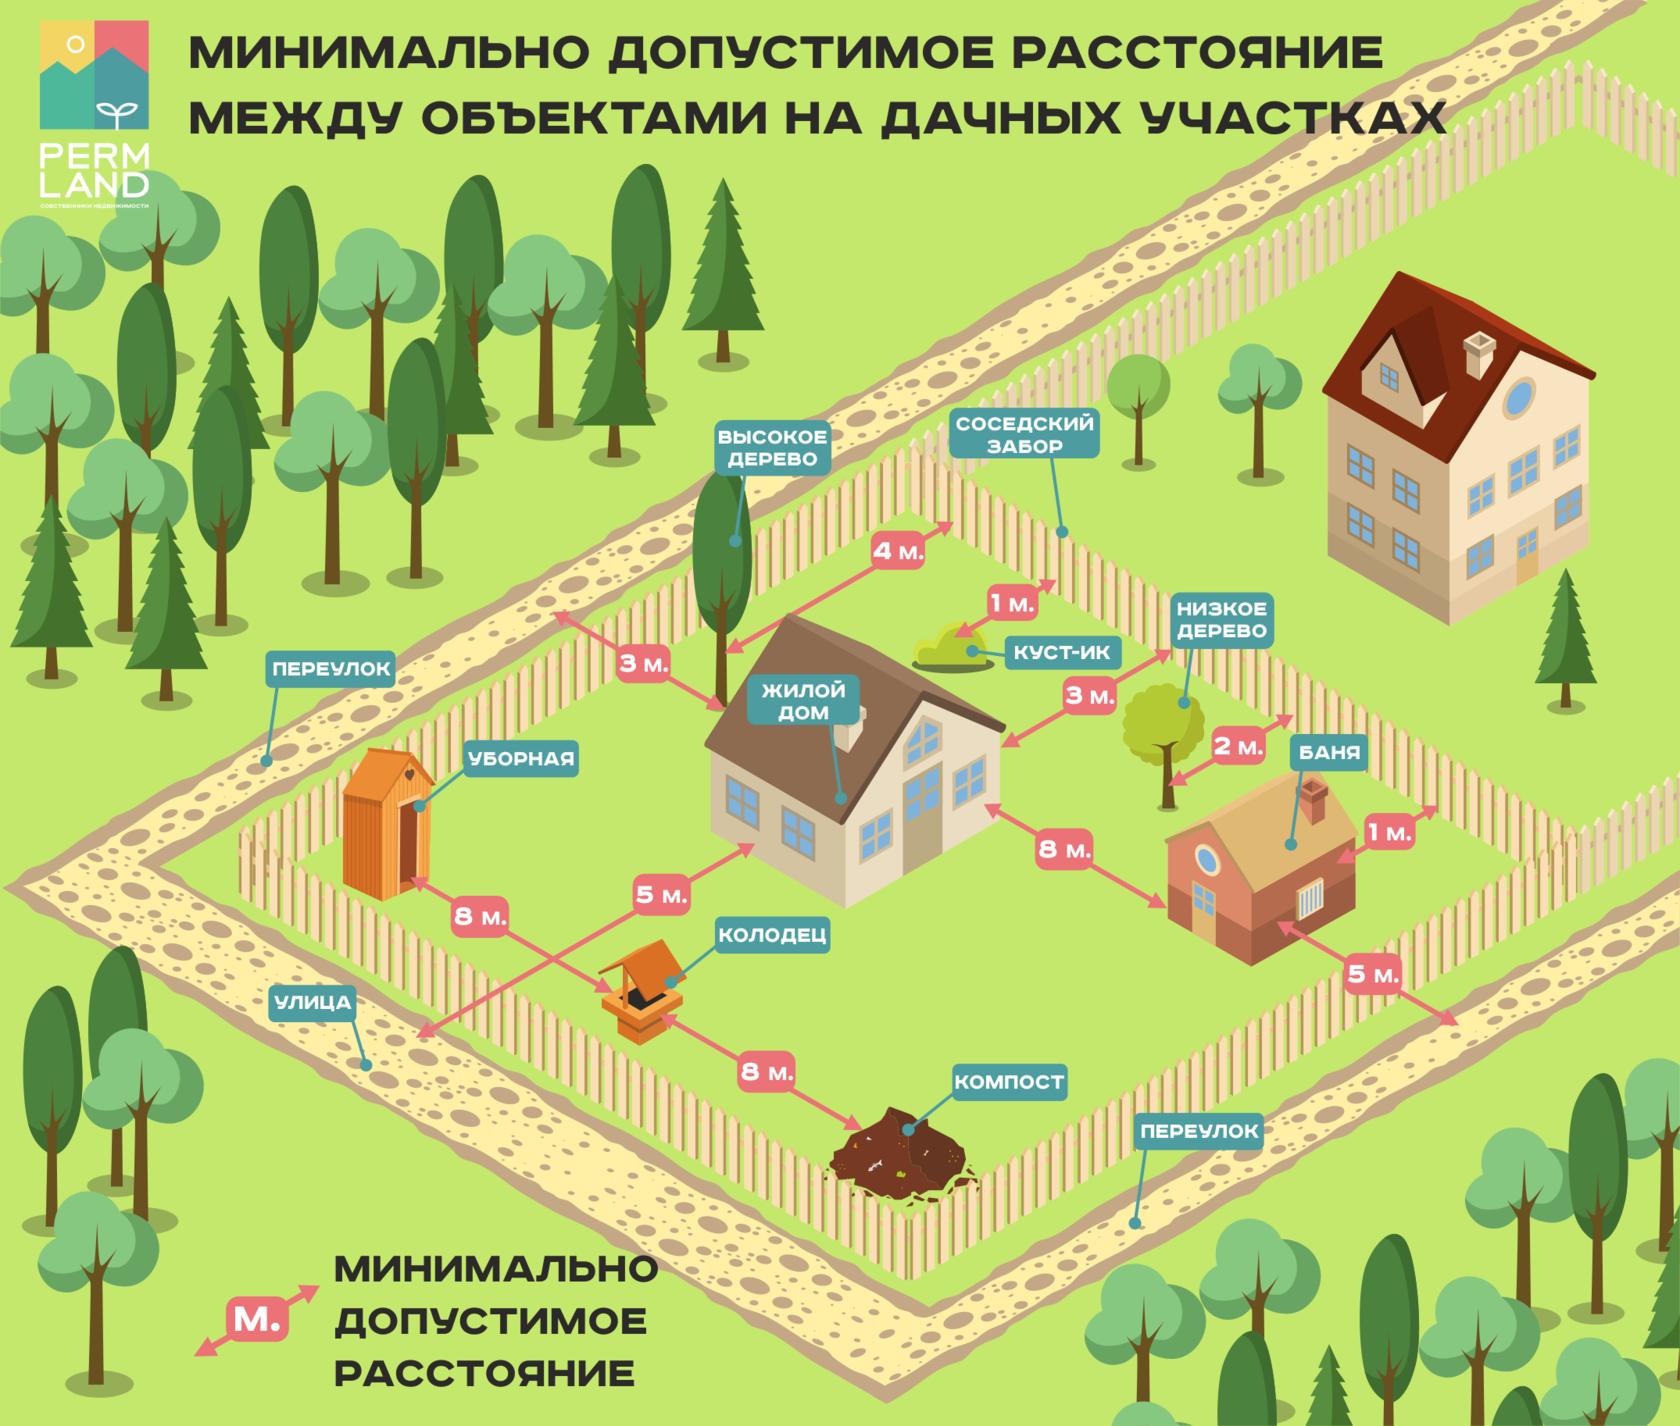 Санитарные нормы посадки деревьев от жилого дома - твои права